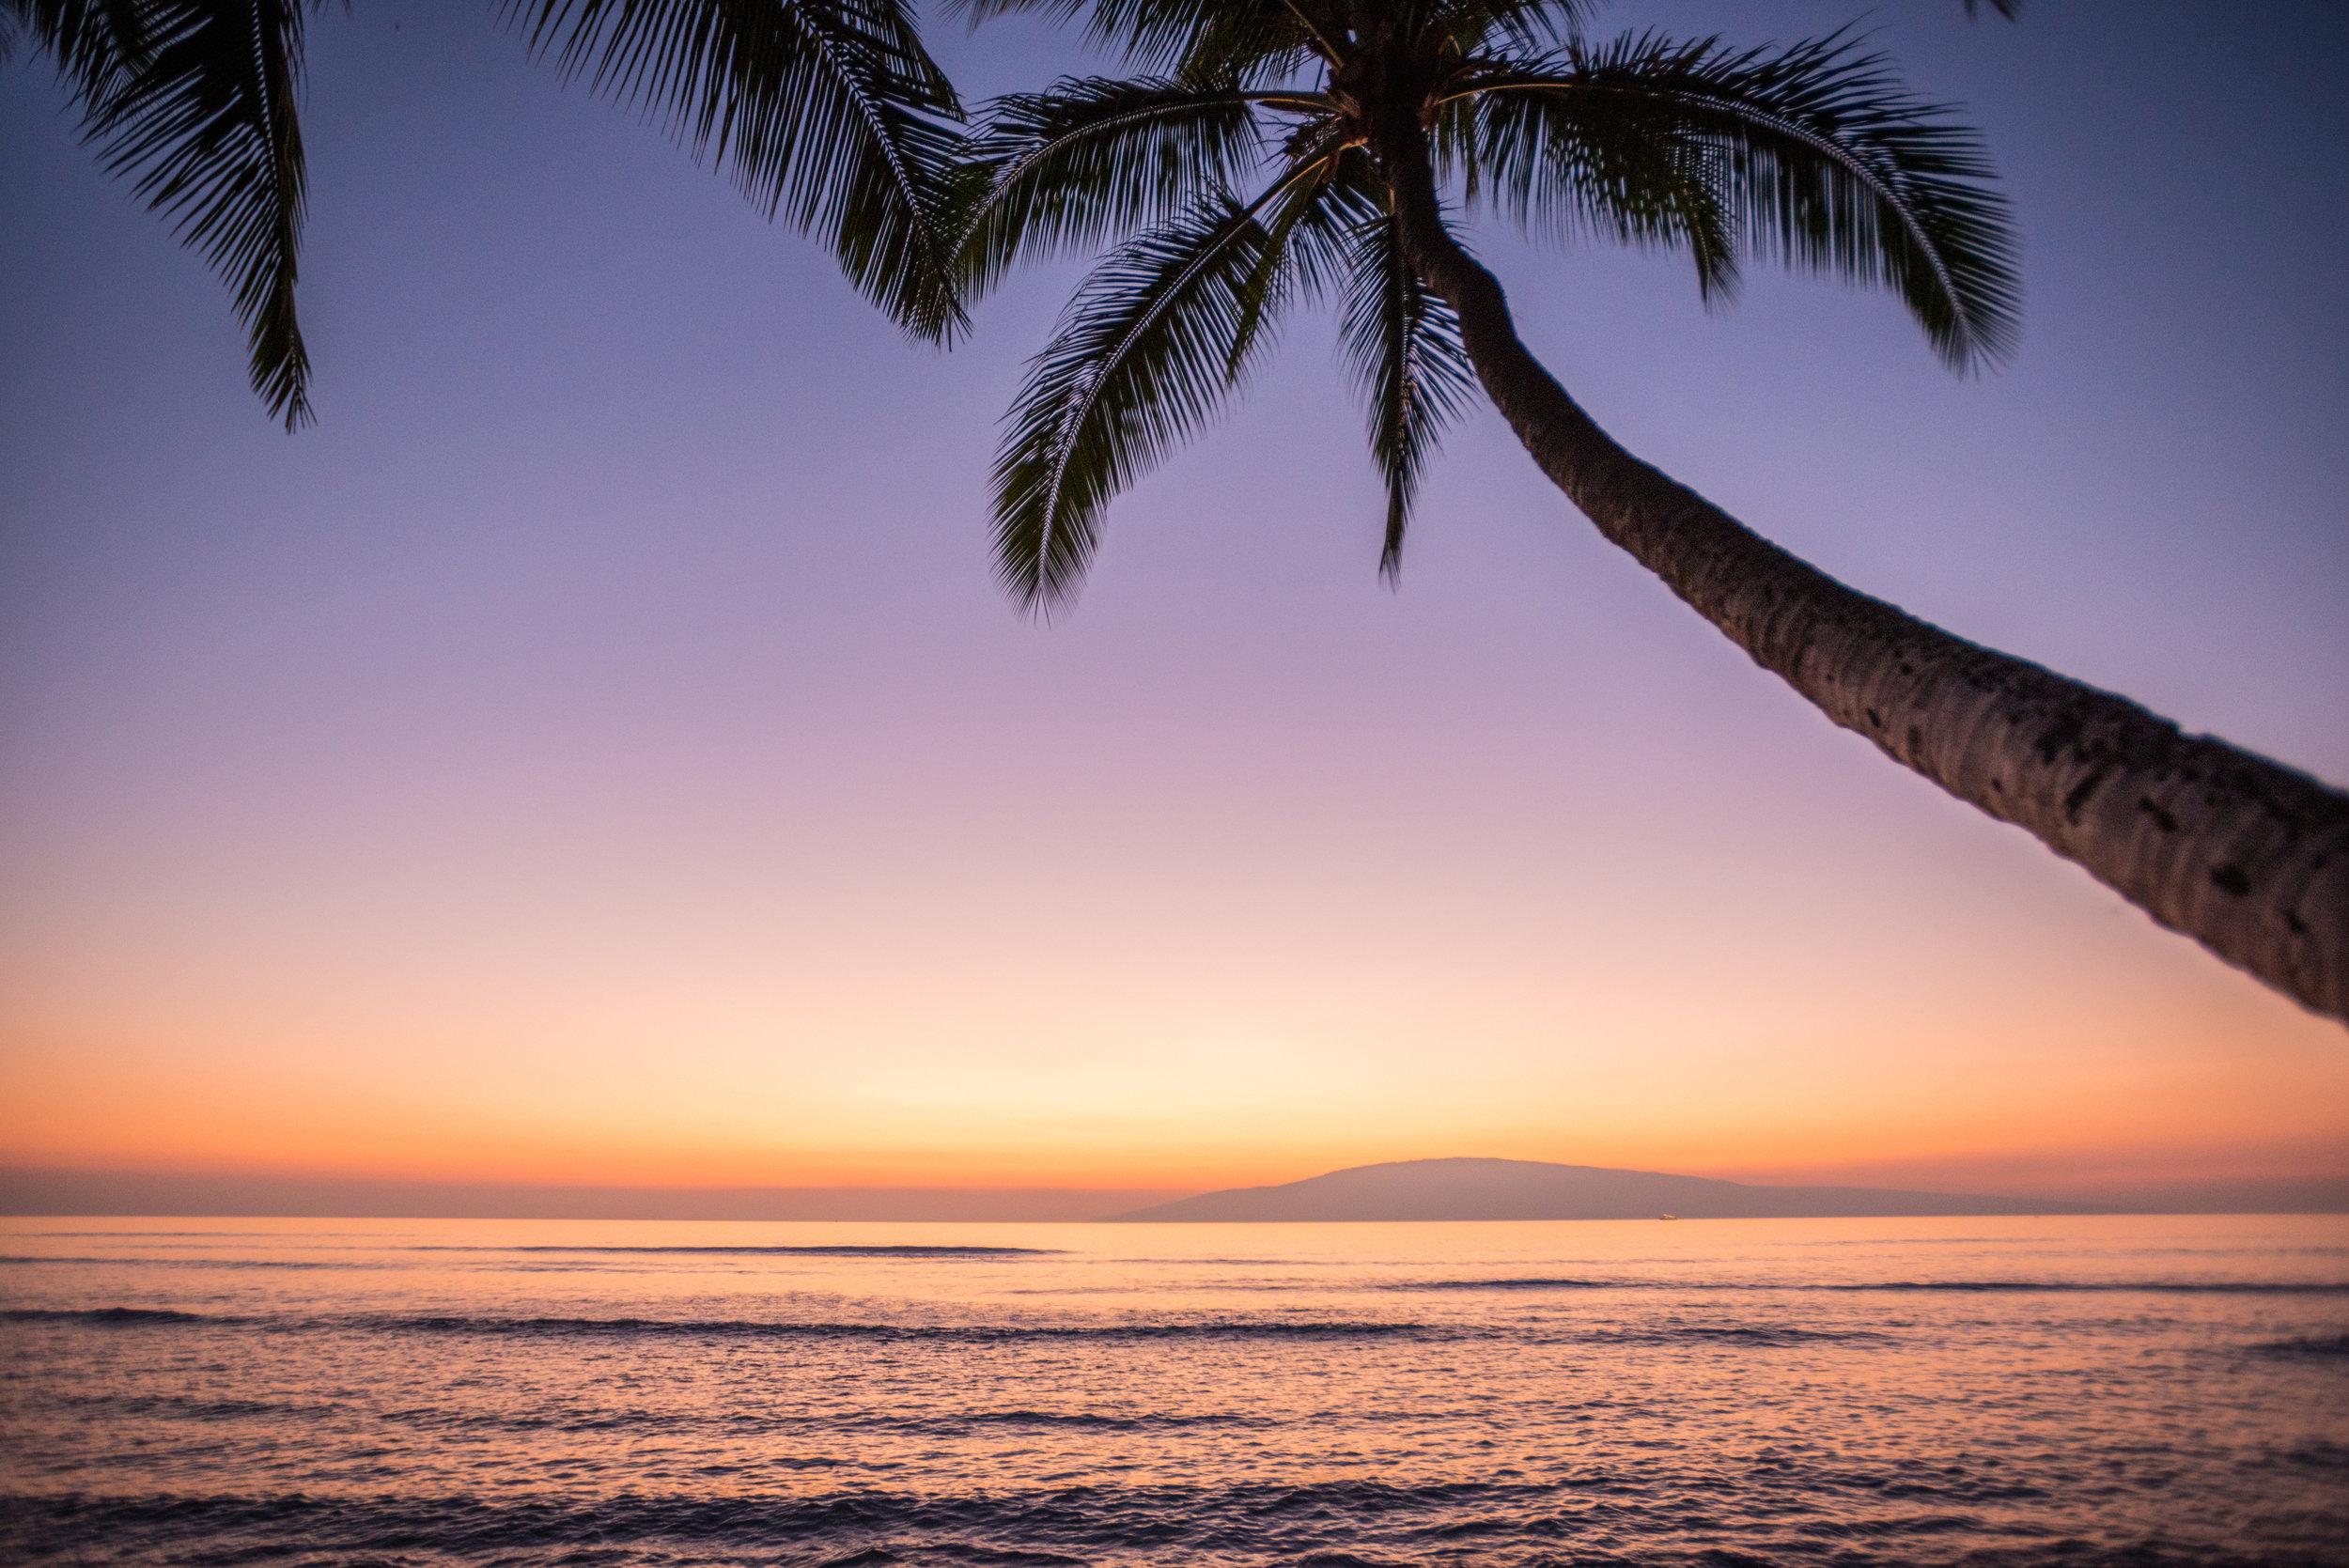 Chris_Majors_Maui-9059.jpg